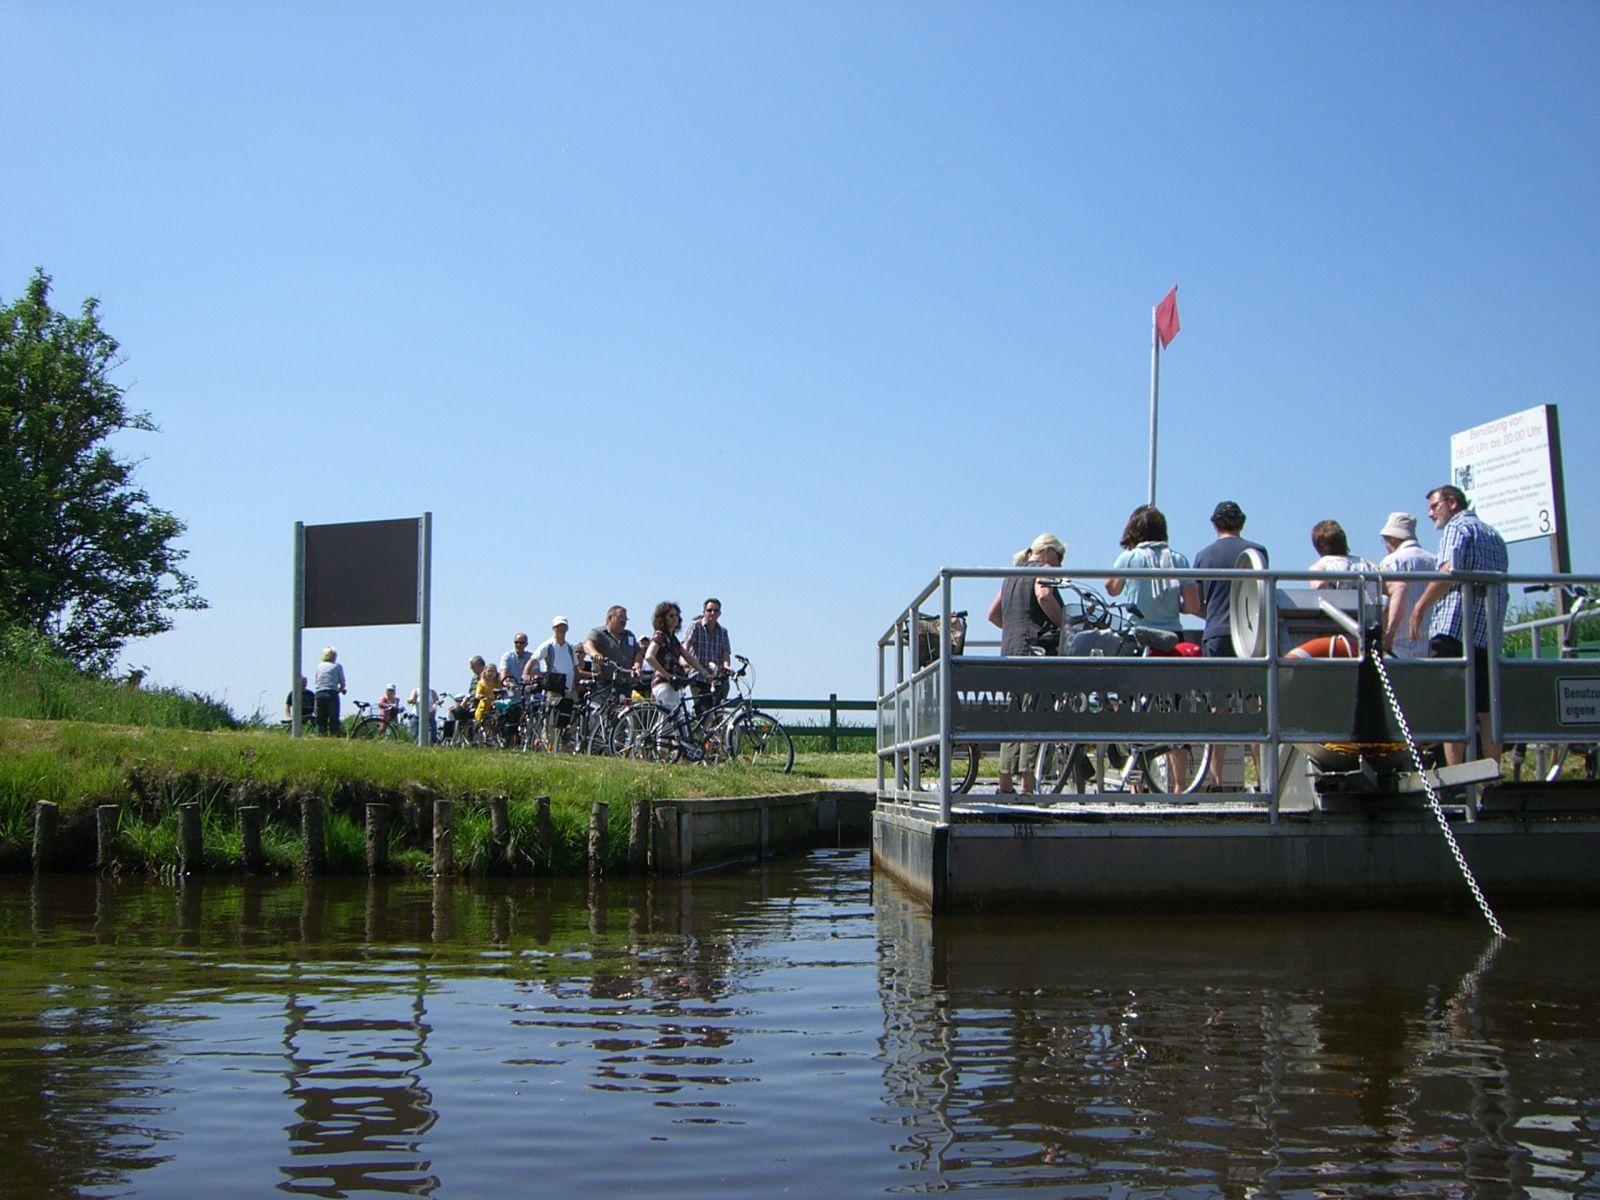 Mit der Kurbelfähre bei Filsum gelangt man kann ganz schnell von einem Ufer zum anderen, ohne mit dem Rad Umwege zu fahren.